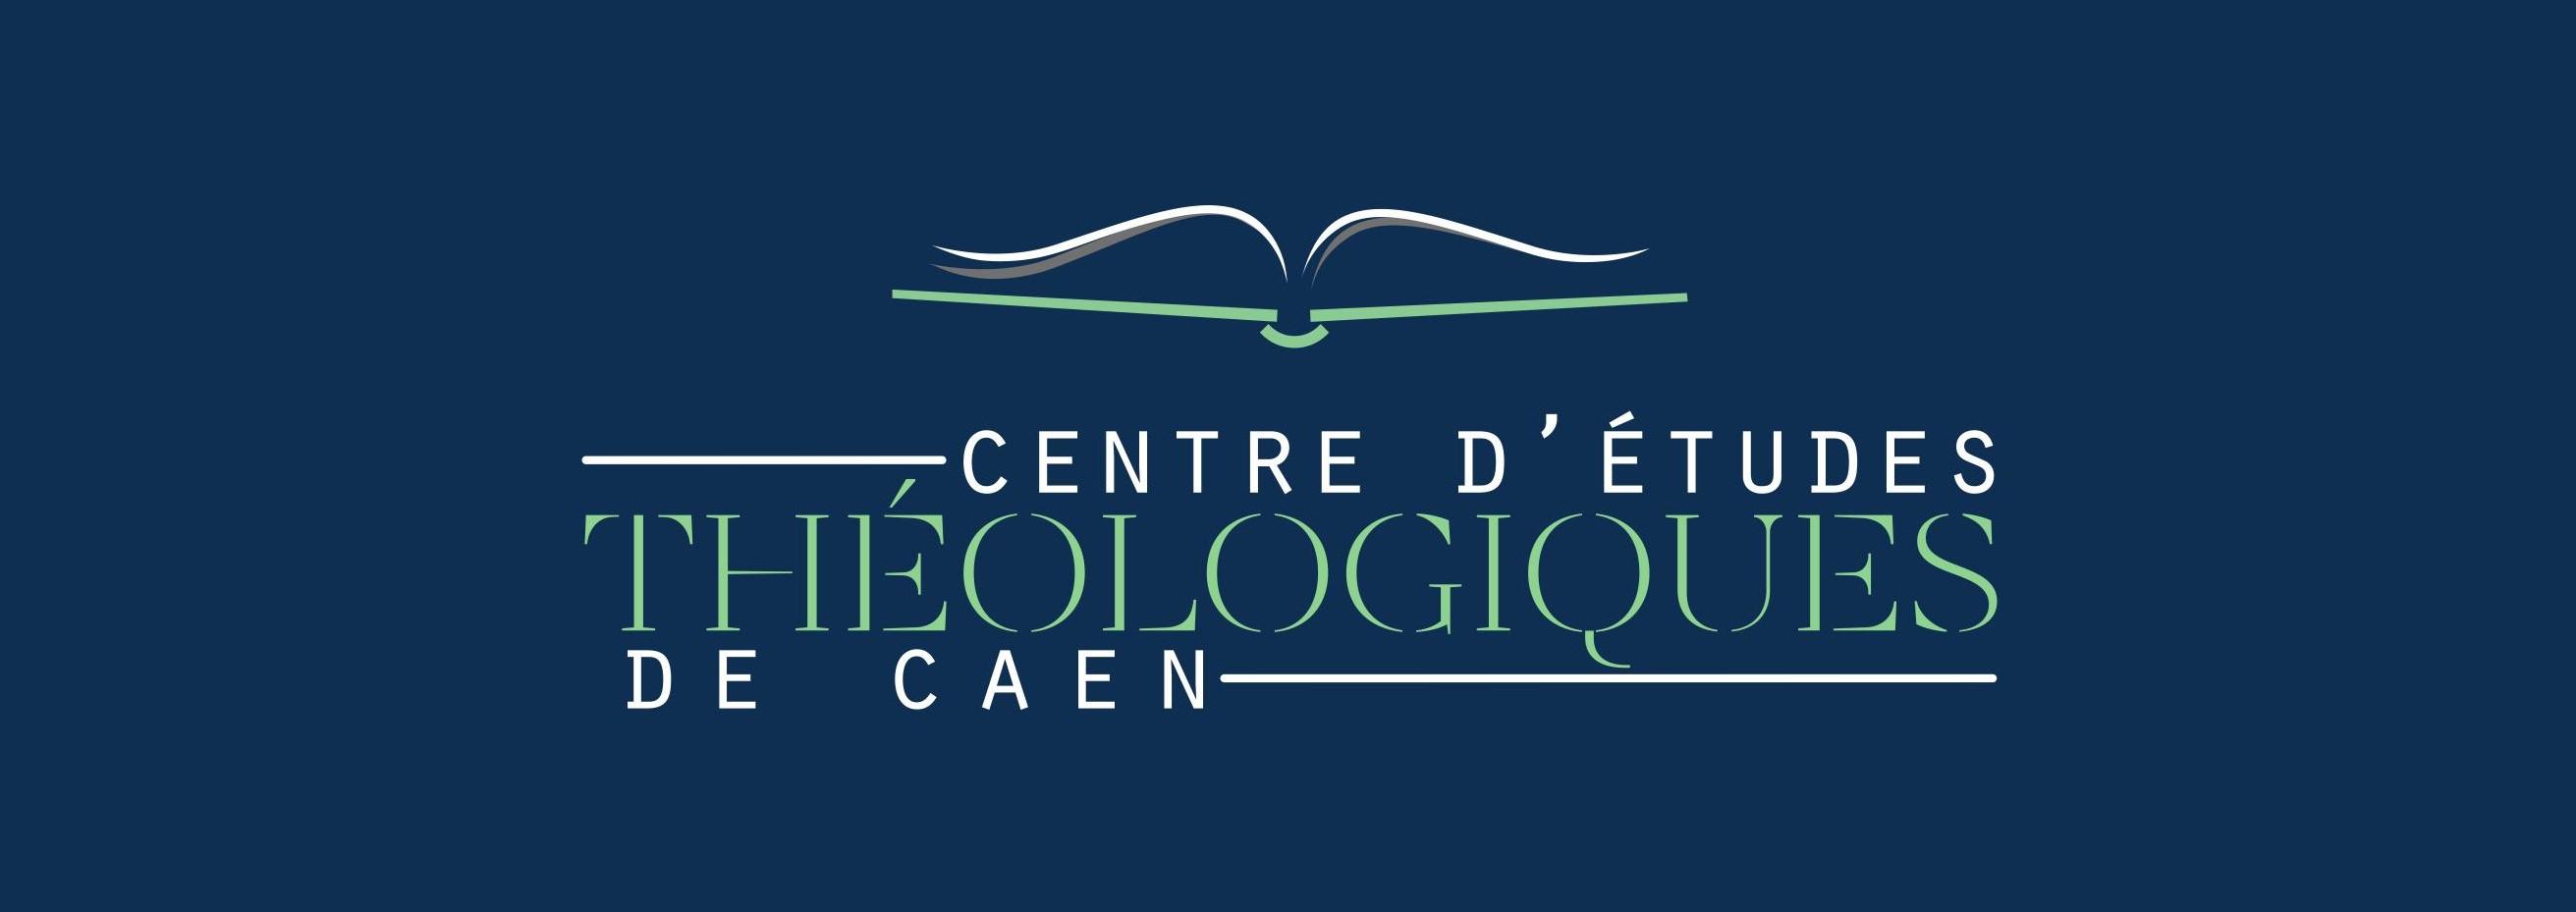 http://www.orne.catholique.fr/images/CET/logocet.jpg